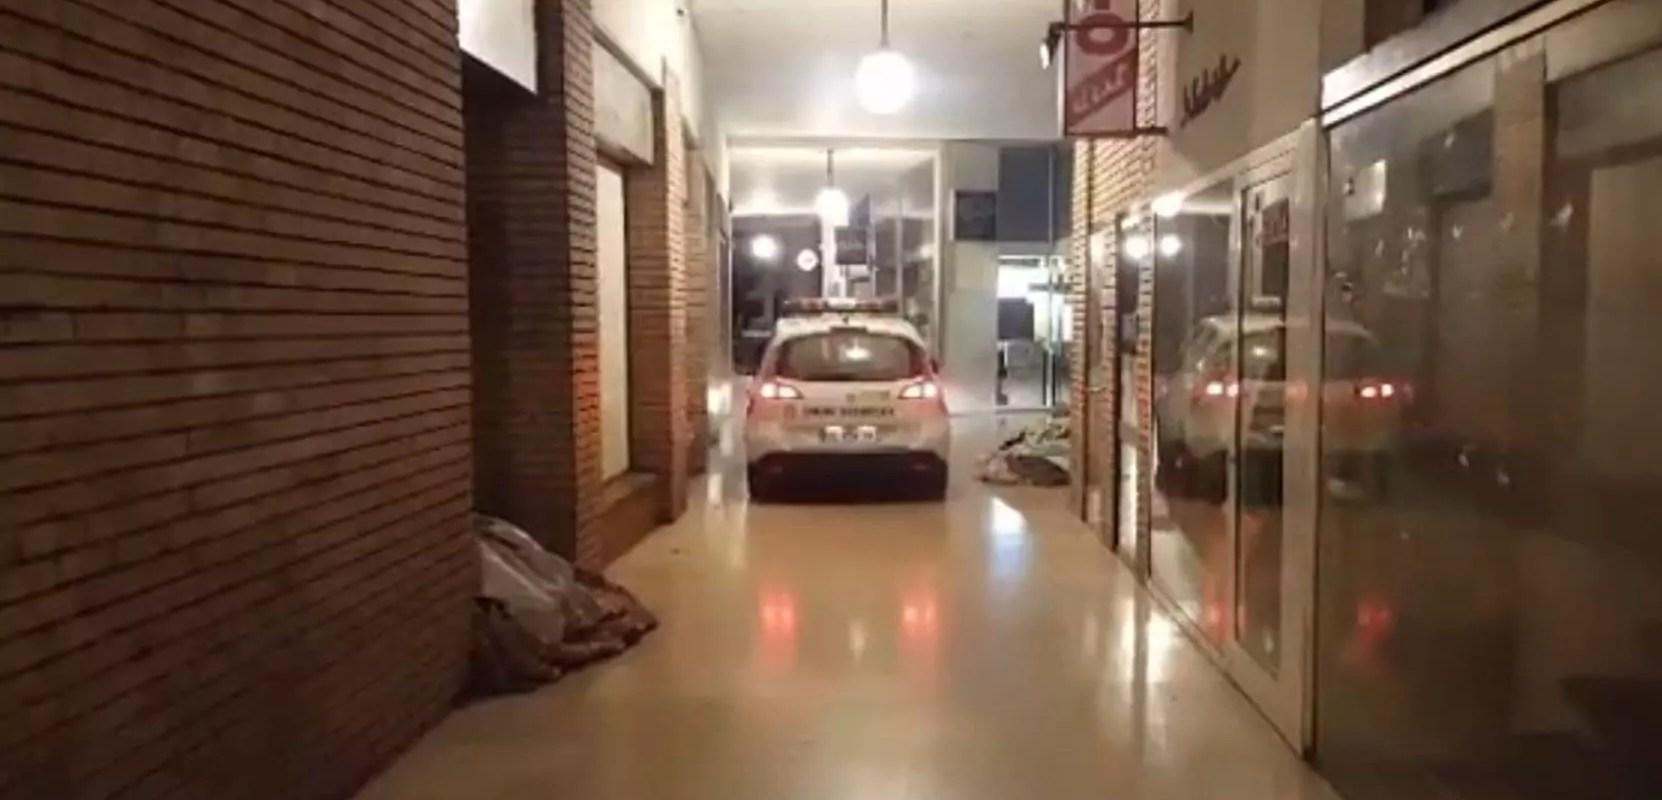 Une vidéo montre la police municipale réveiller les SDF en voiture